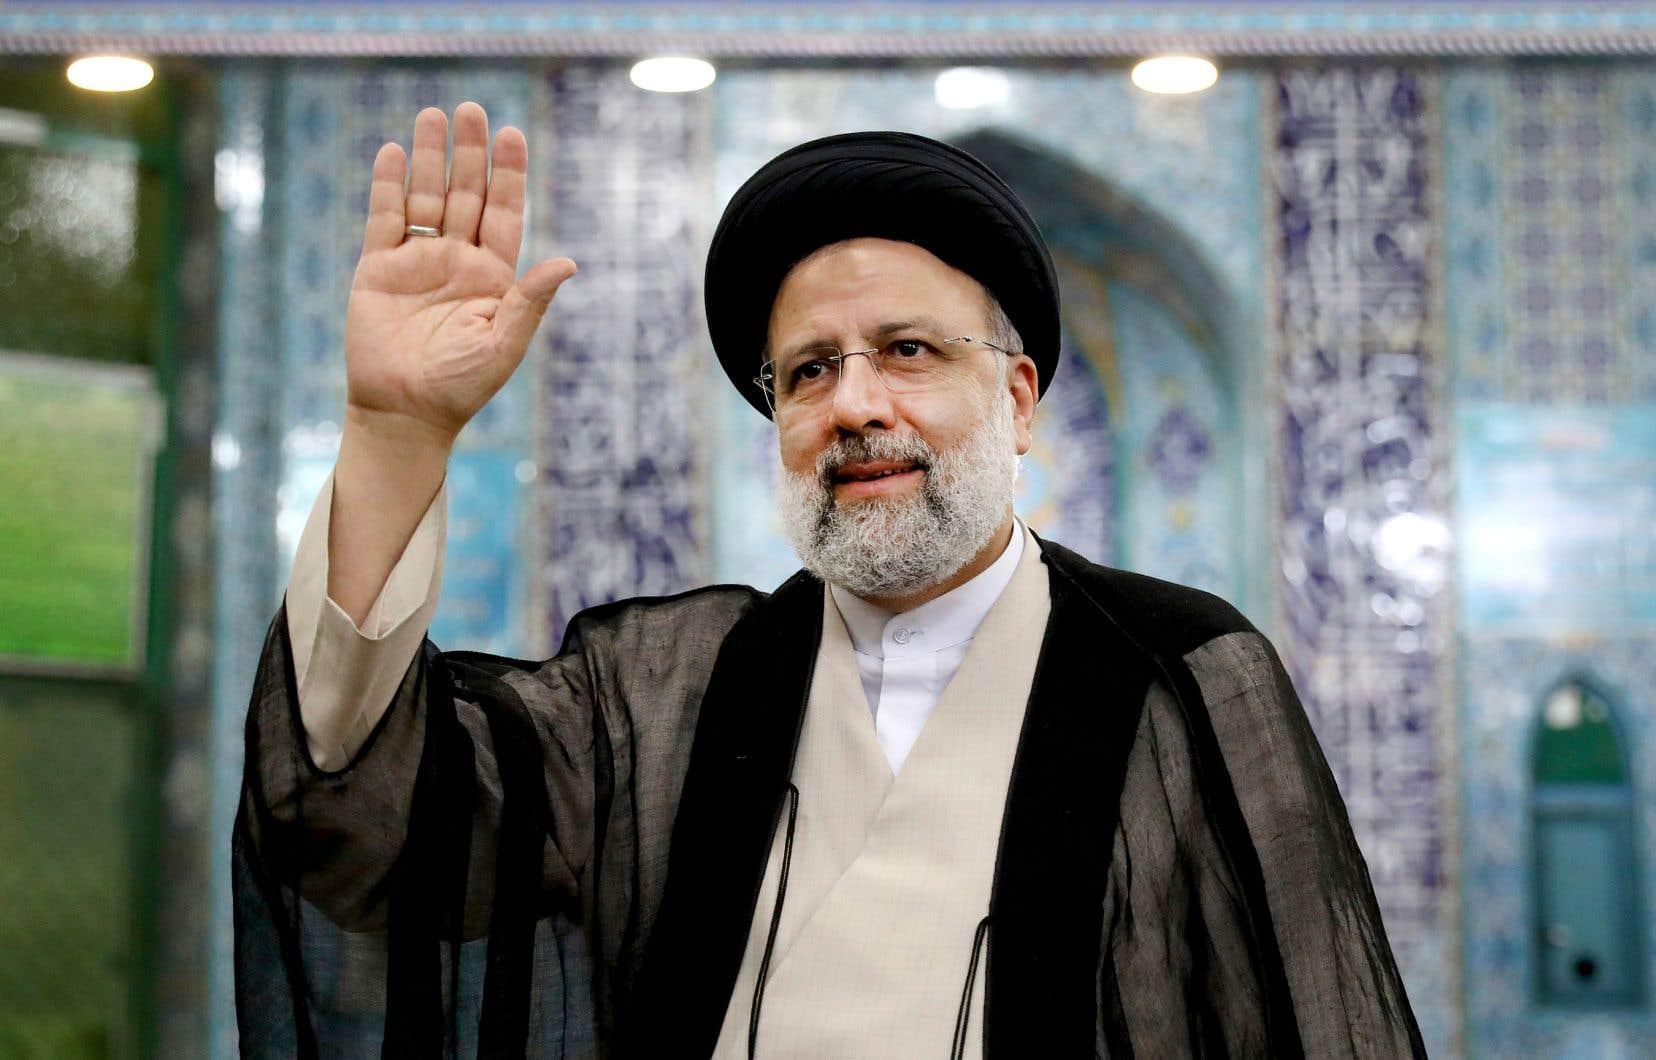 Le candidat Ebrahim Raïssi s'est présenté comme le champion de la lutte anticorruption et le défenseur des classes populaires. L'ultraconservateur s'est adressé aux médias, vendredi, après avoir enregistré son vote à Téhéran.